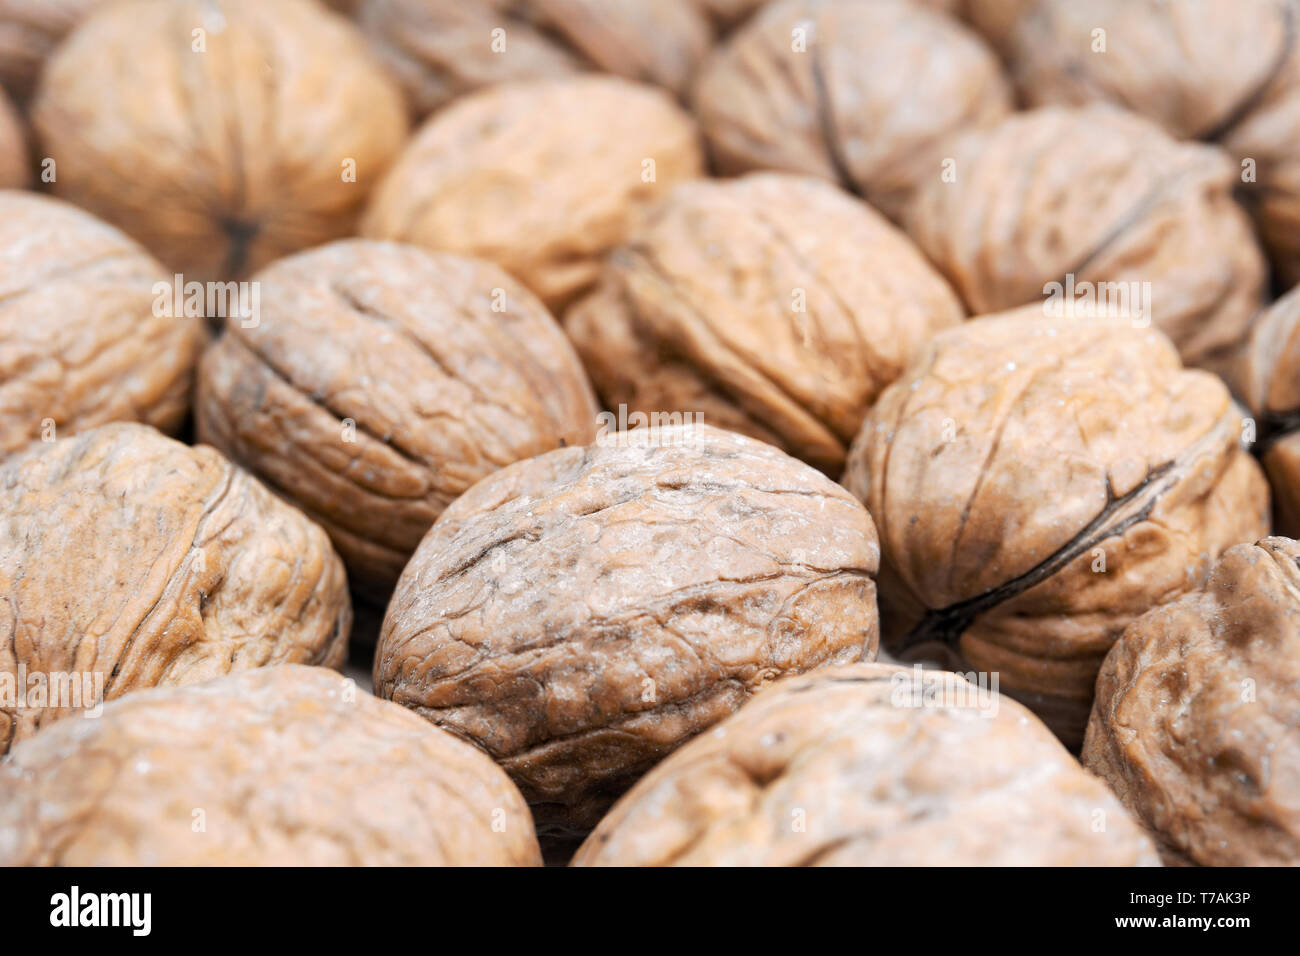 Close-up de muchas nueces saludables. Vista de nueces frescas. Tuercas saludable con los ácidos grasos omega-3 y antioxidantes para una vida saludable y bella piel. Foto de stock